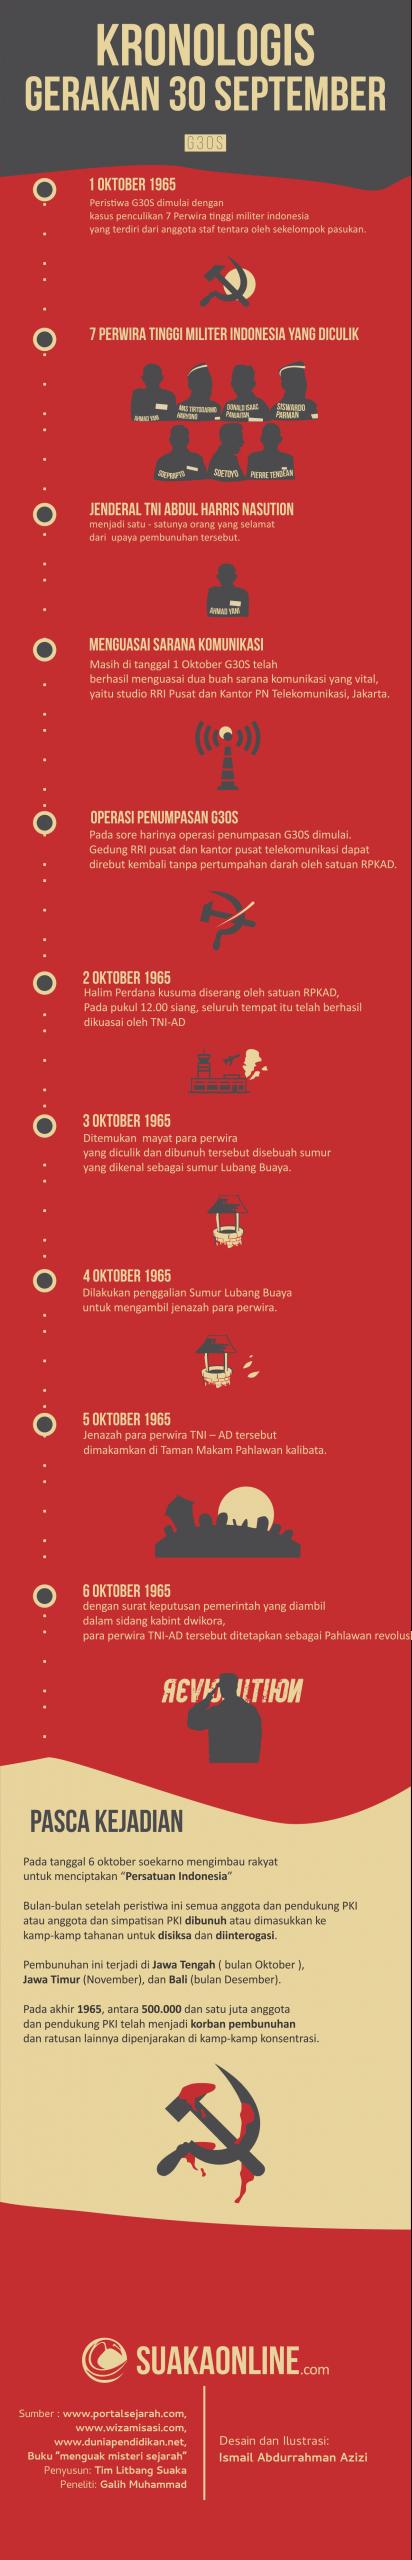 Desain : SUAKA / Ismail Abdurrahman Azizi